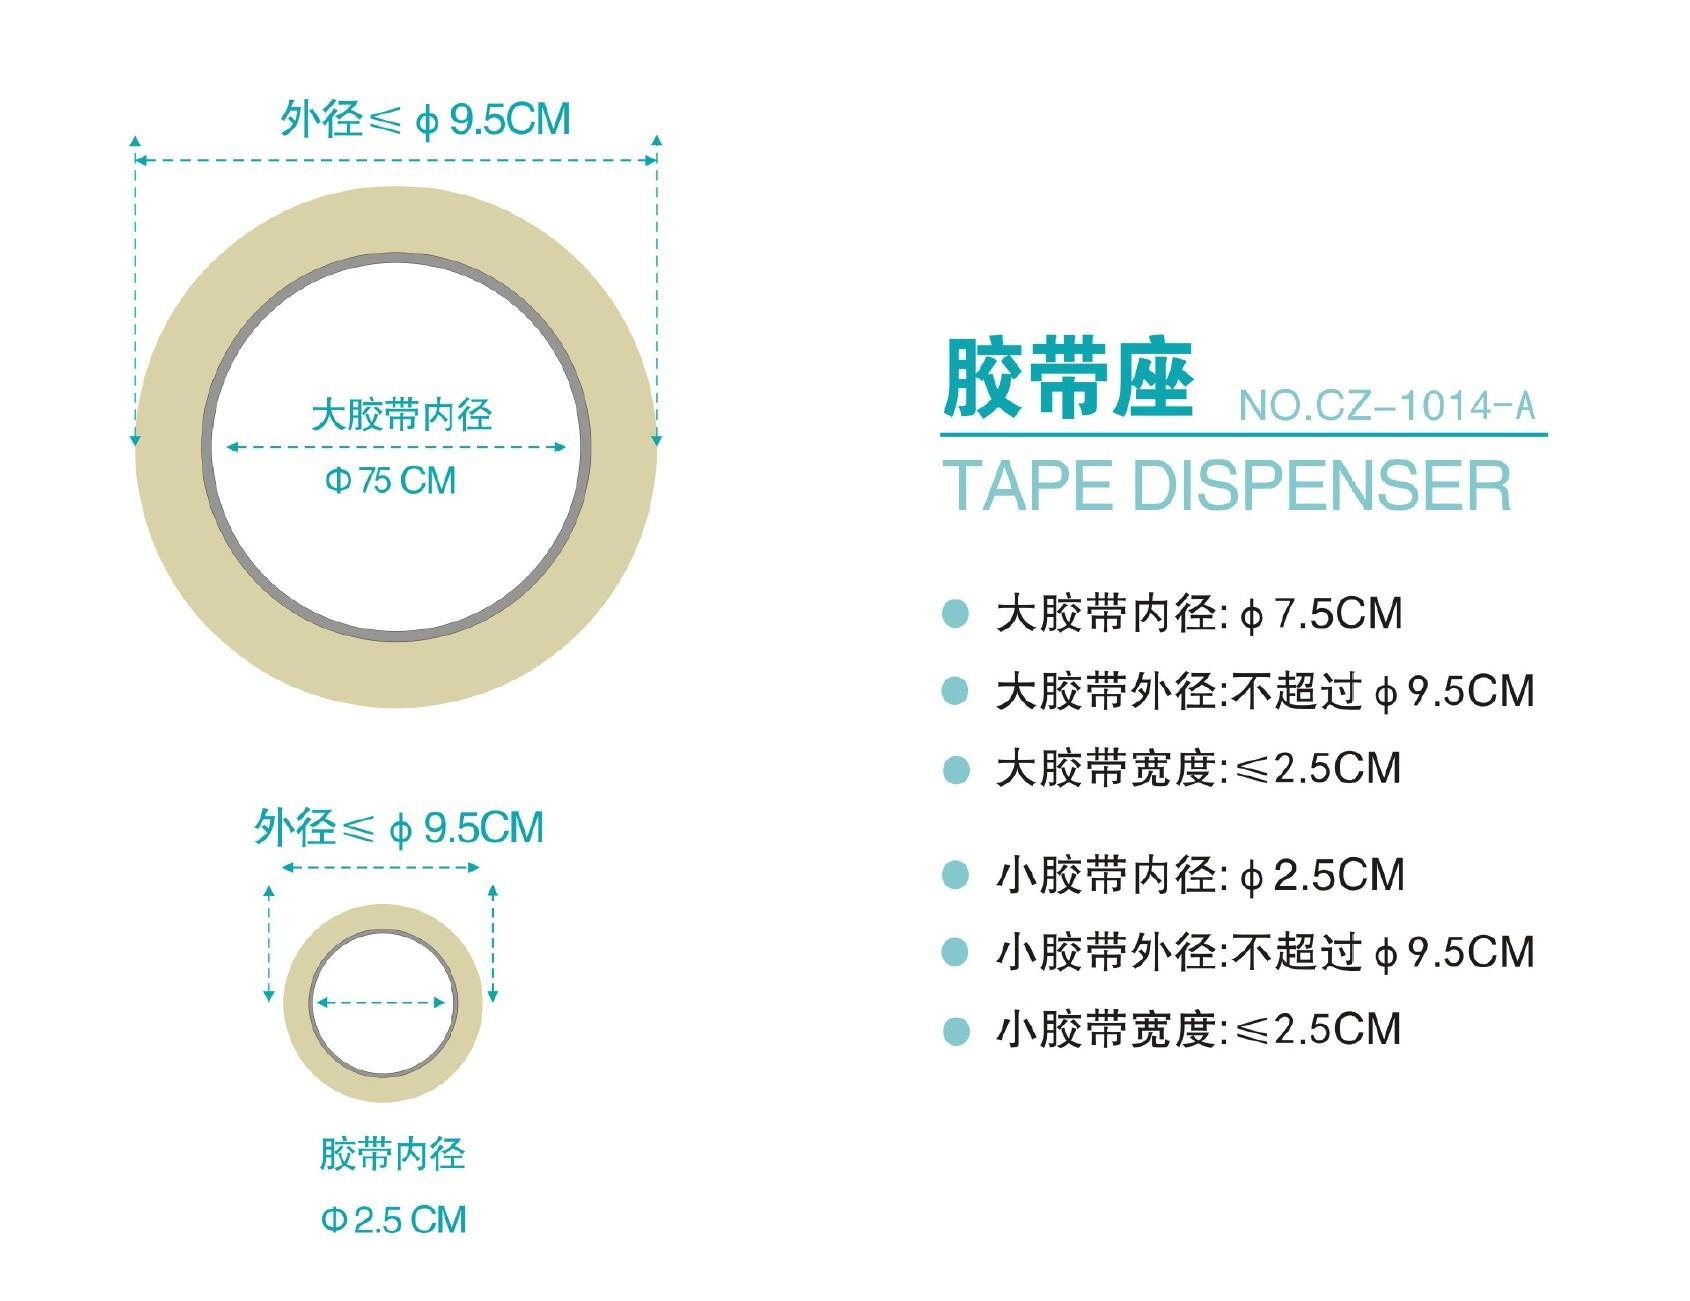 CZ-1014-A 封箱器胶带切割器大号水泥胶带座两用加重胶纸座示例图4